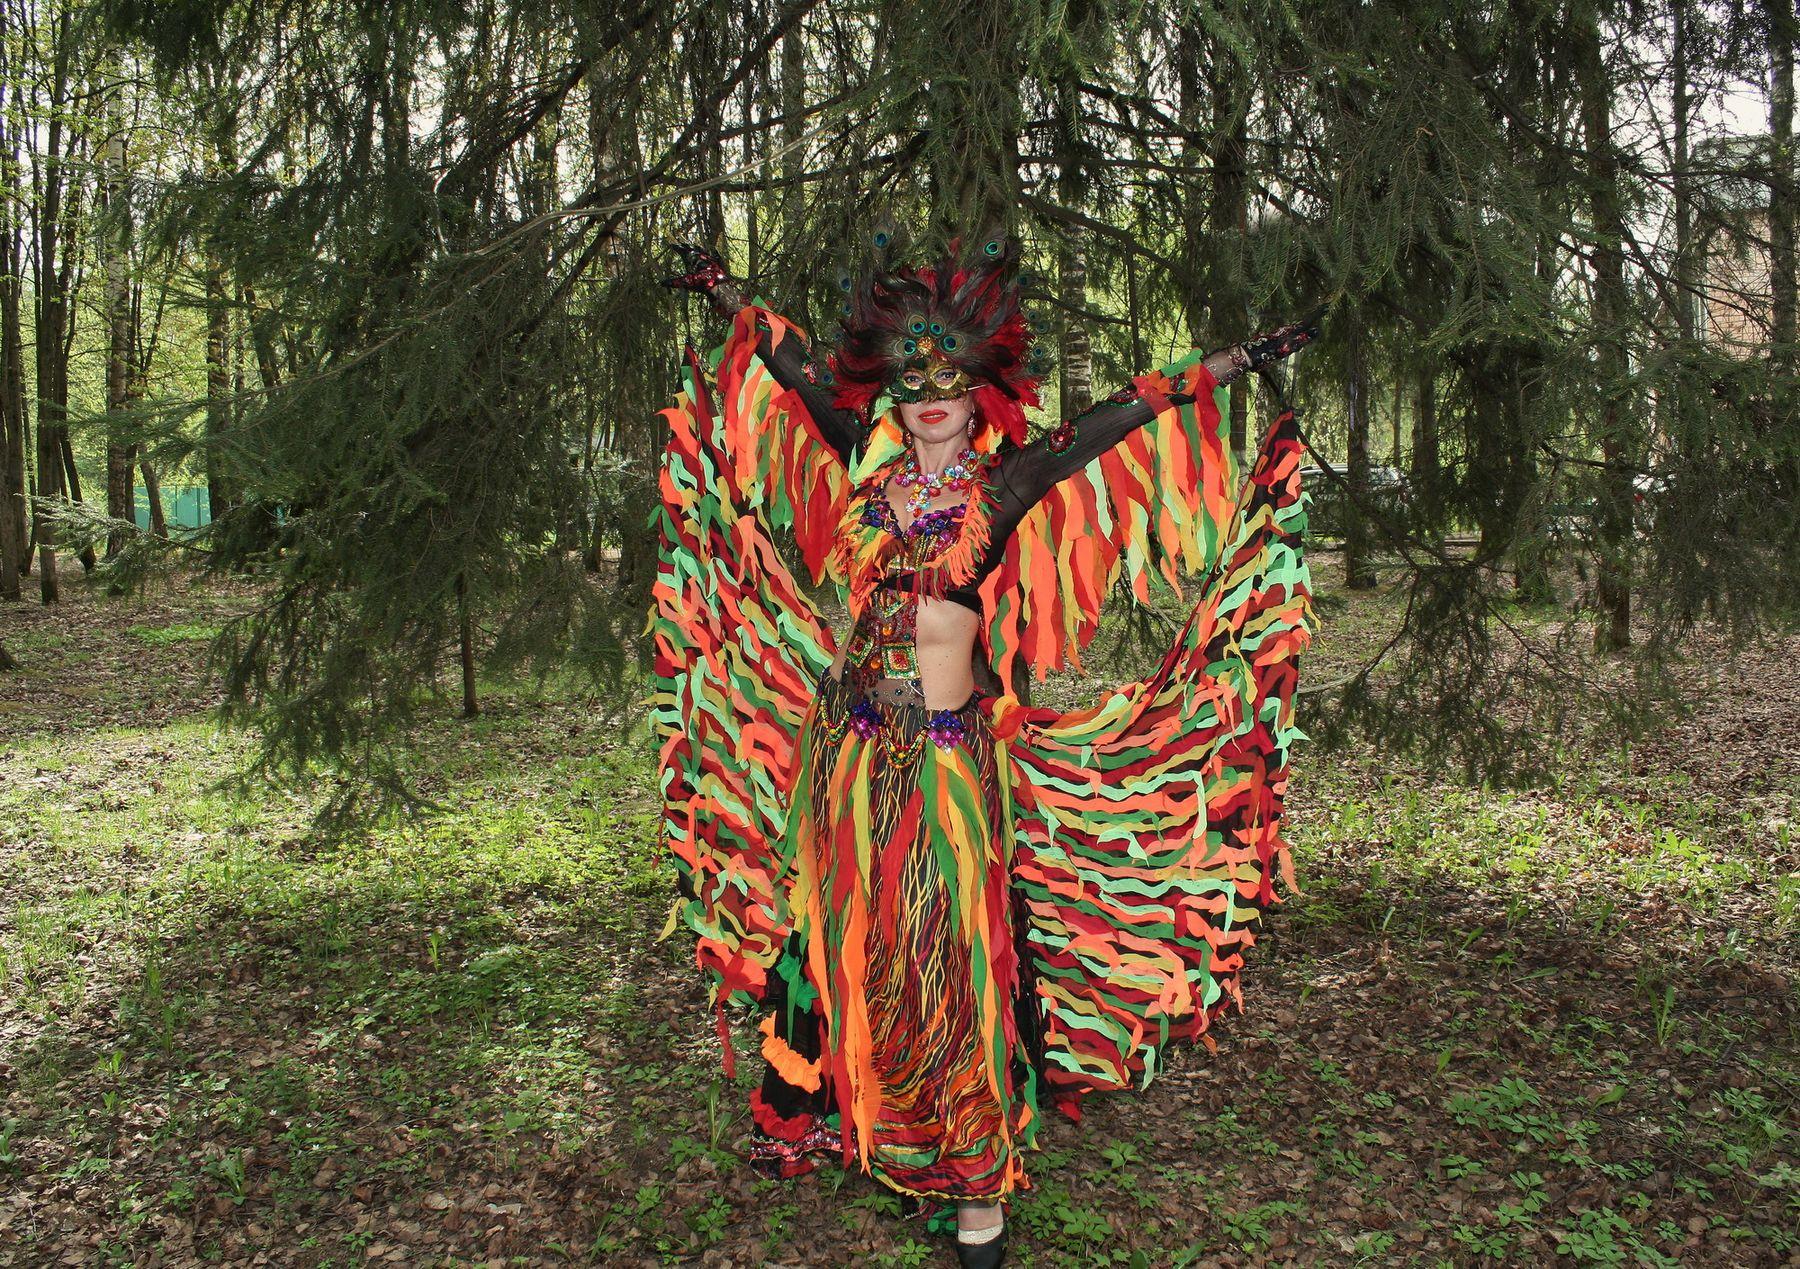 Жар-Птица - огненная Наталья Малкина